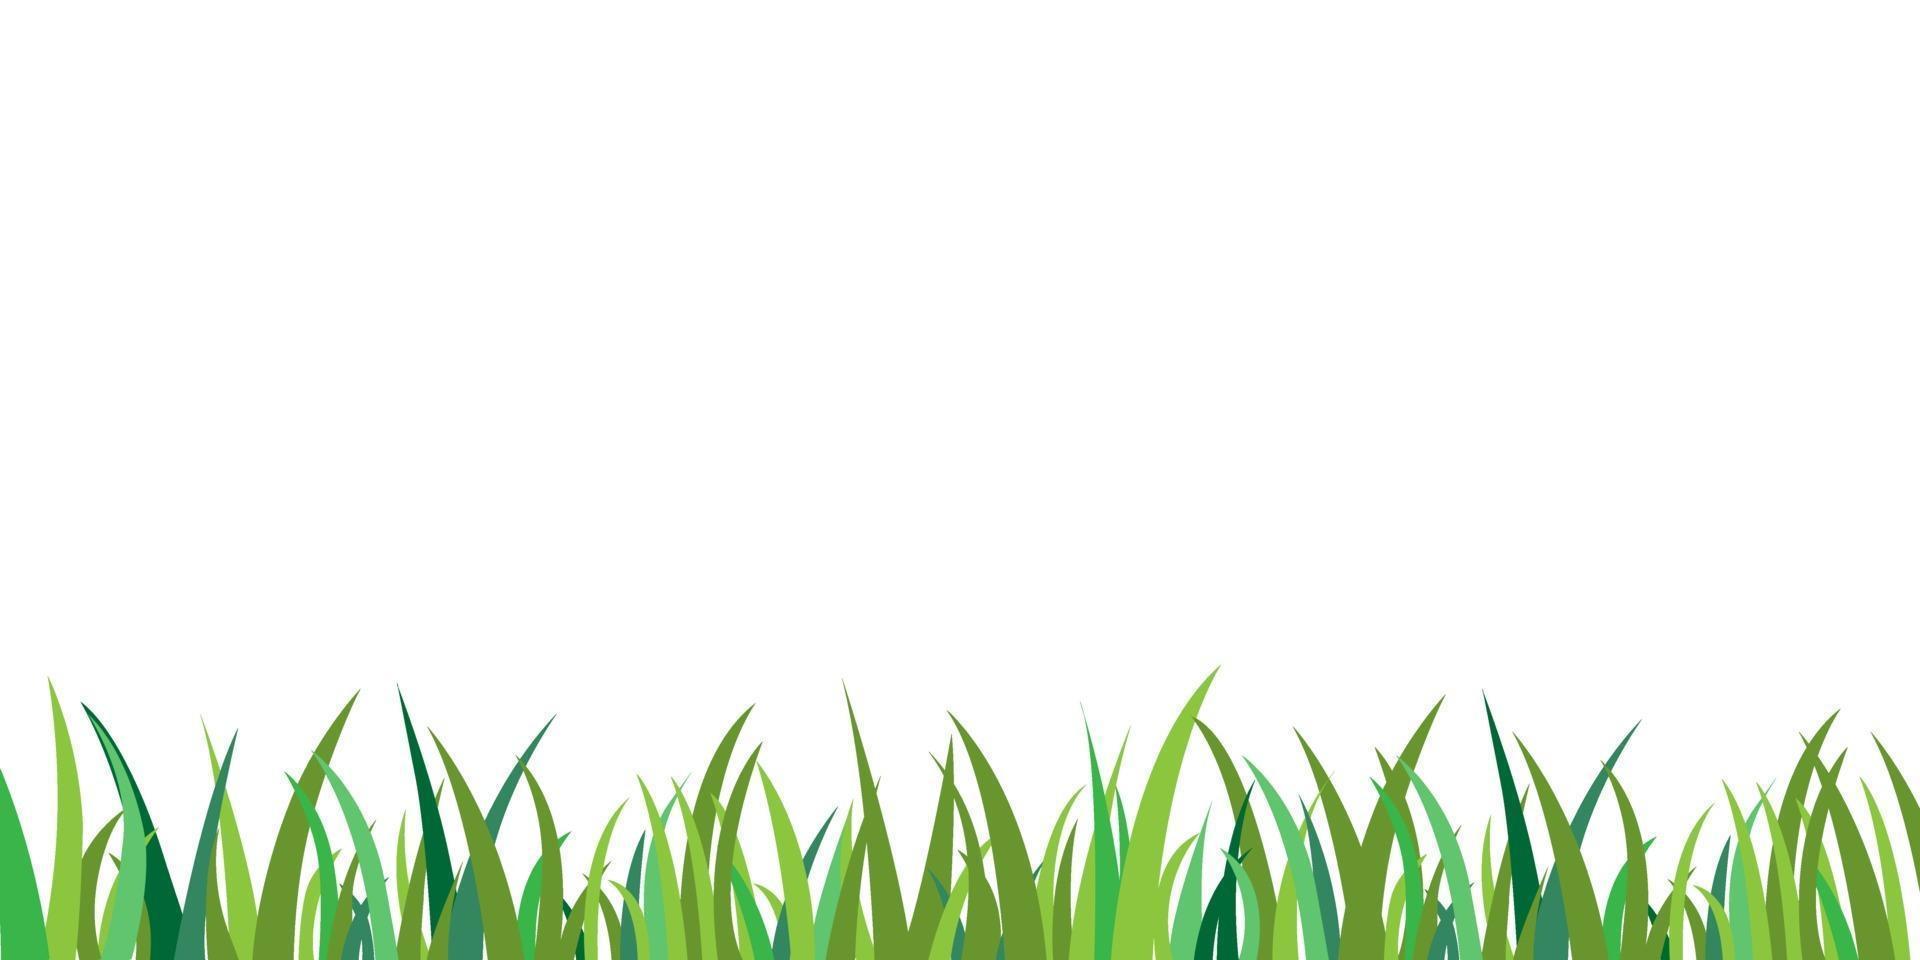 vector de fondo aislado de hierba verde. decoración de marco de borde de hierba. campo de jardín plano